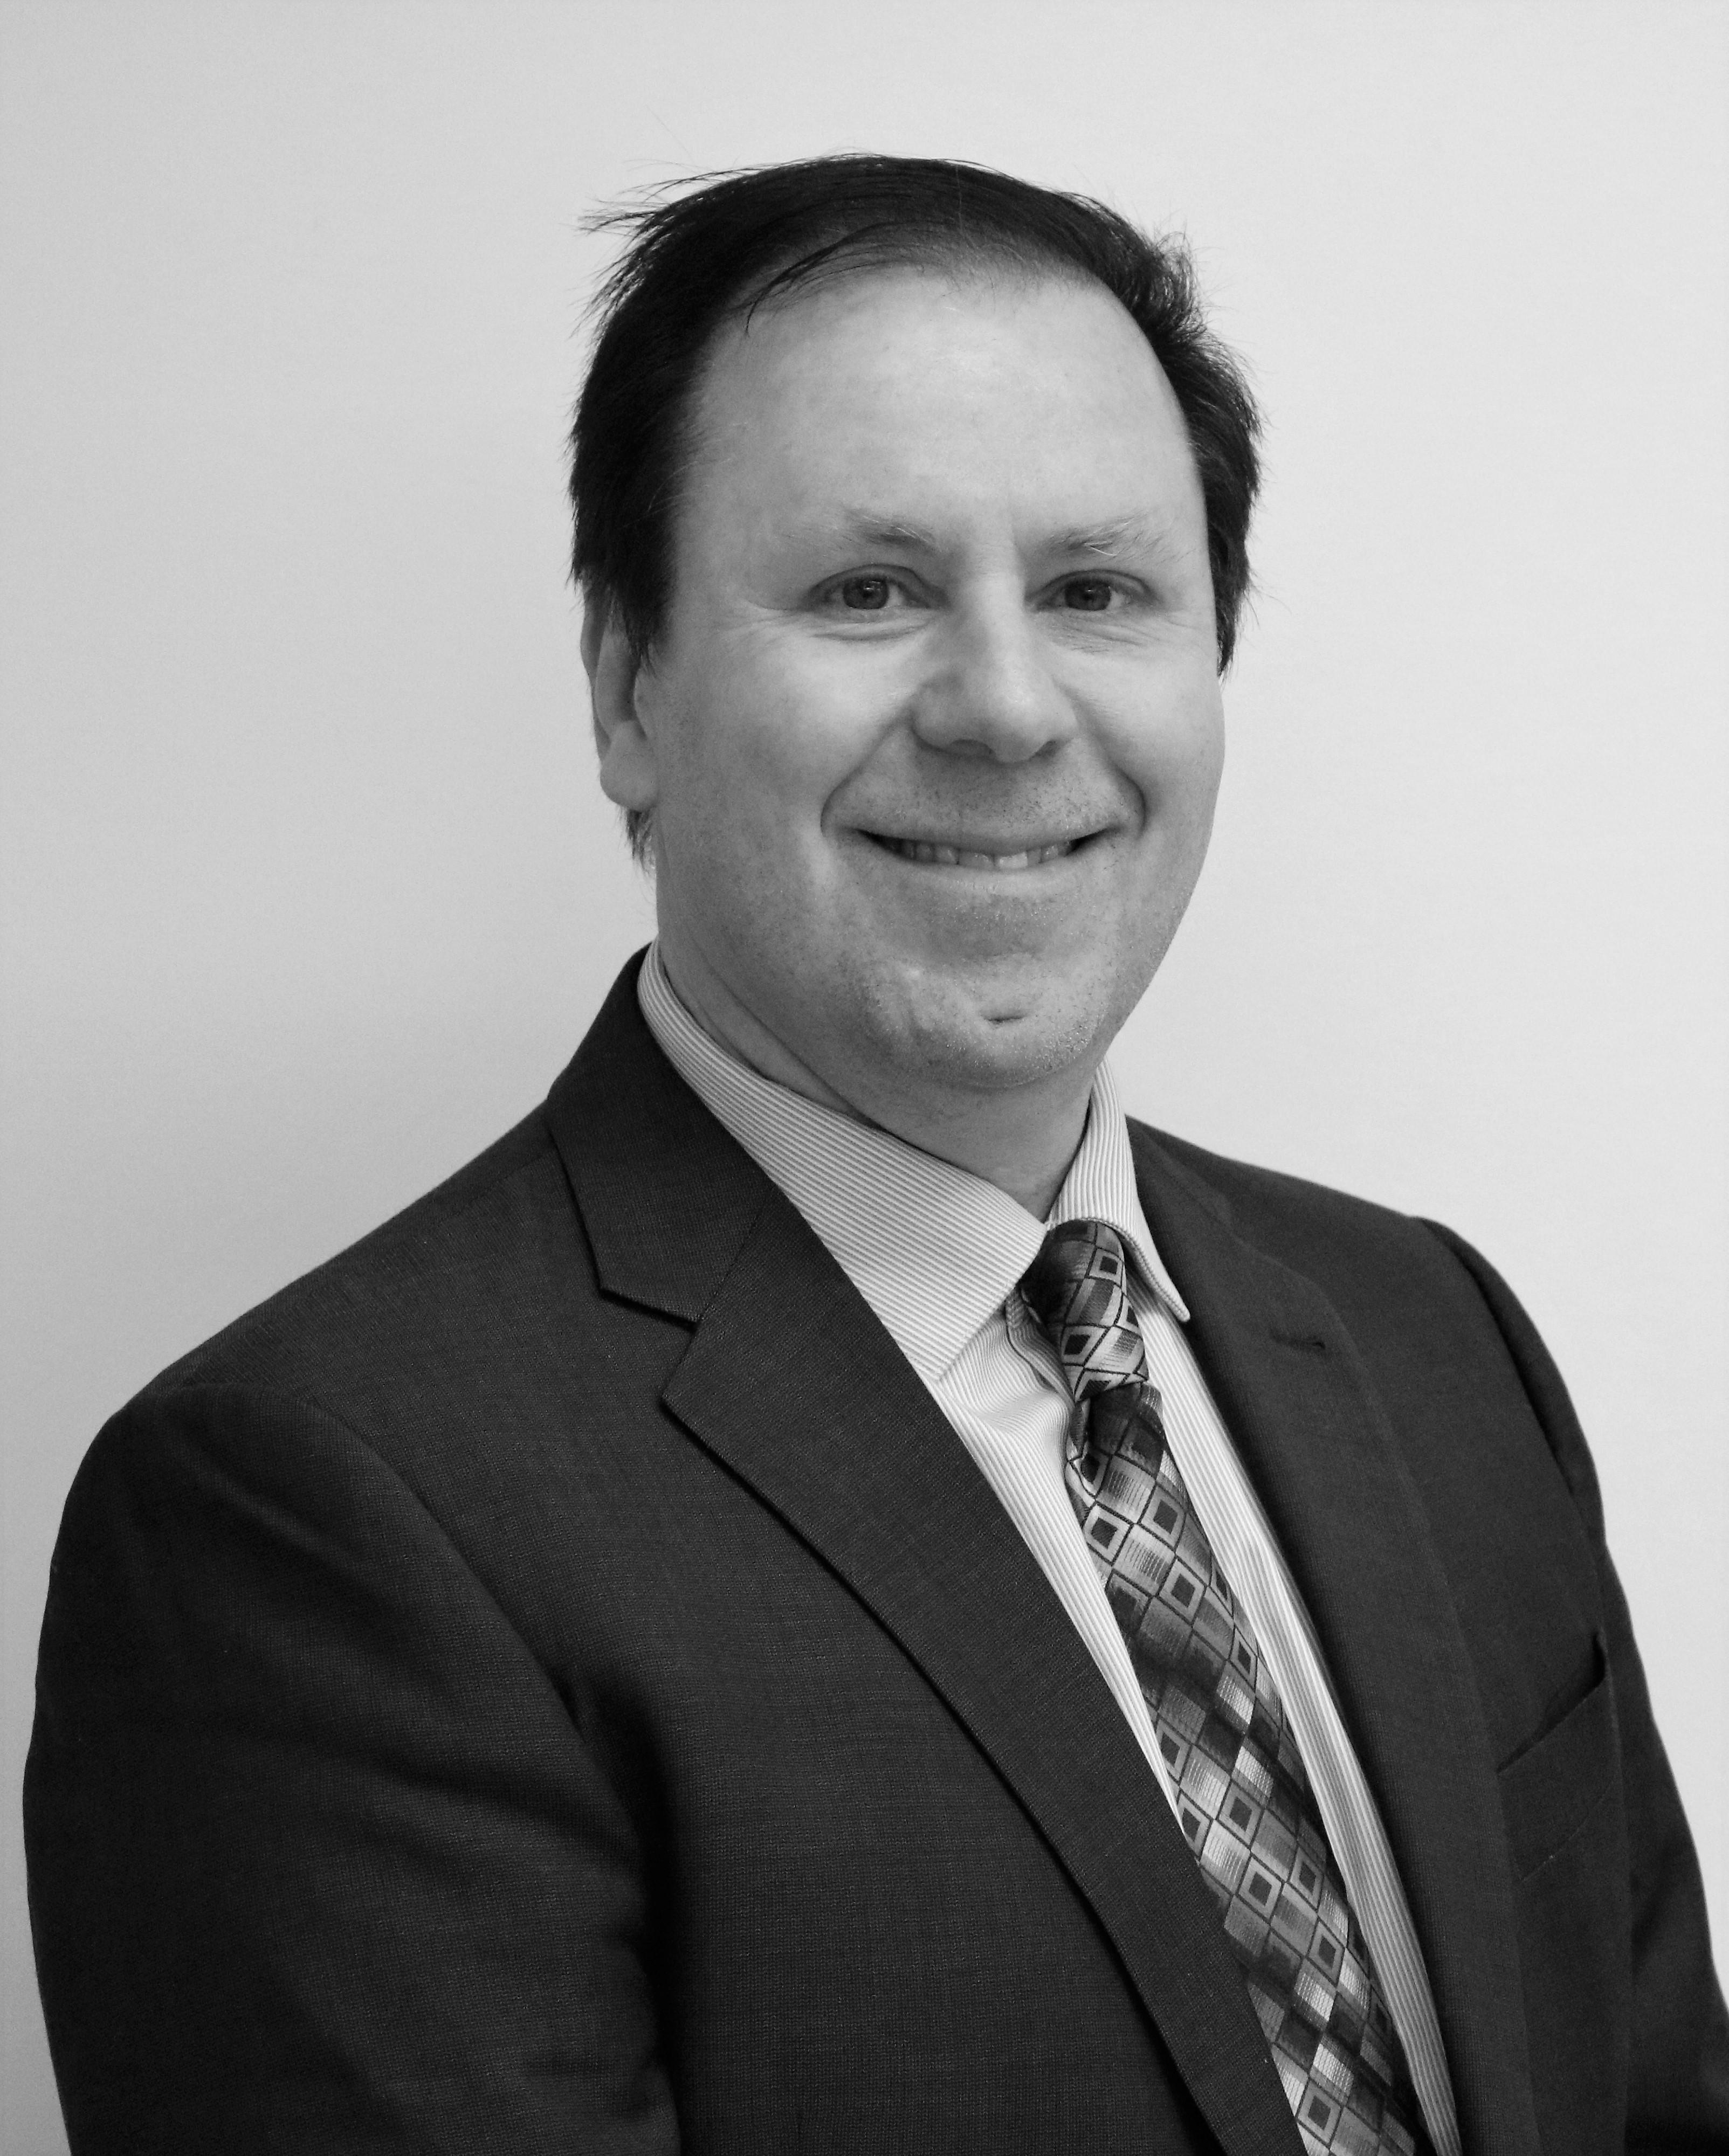 Glenn A. DeMichele